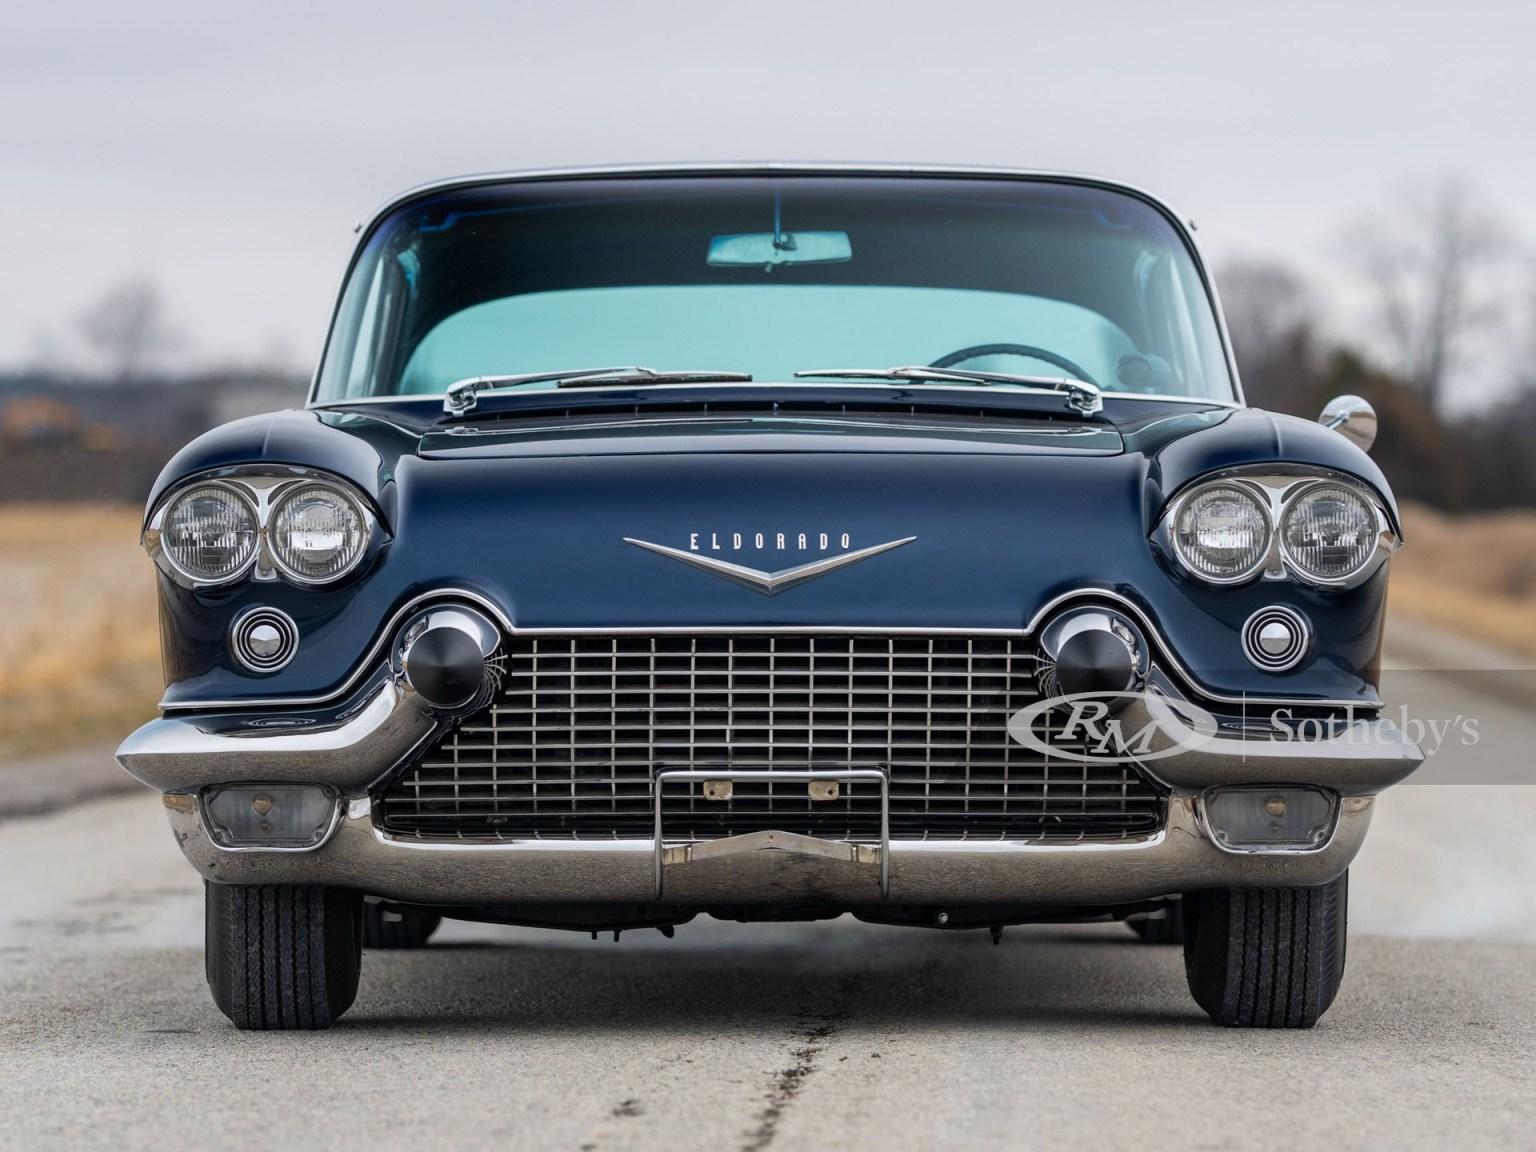 1957 Cadillac Eldorado Brougham front end